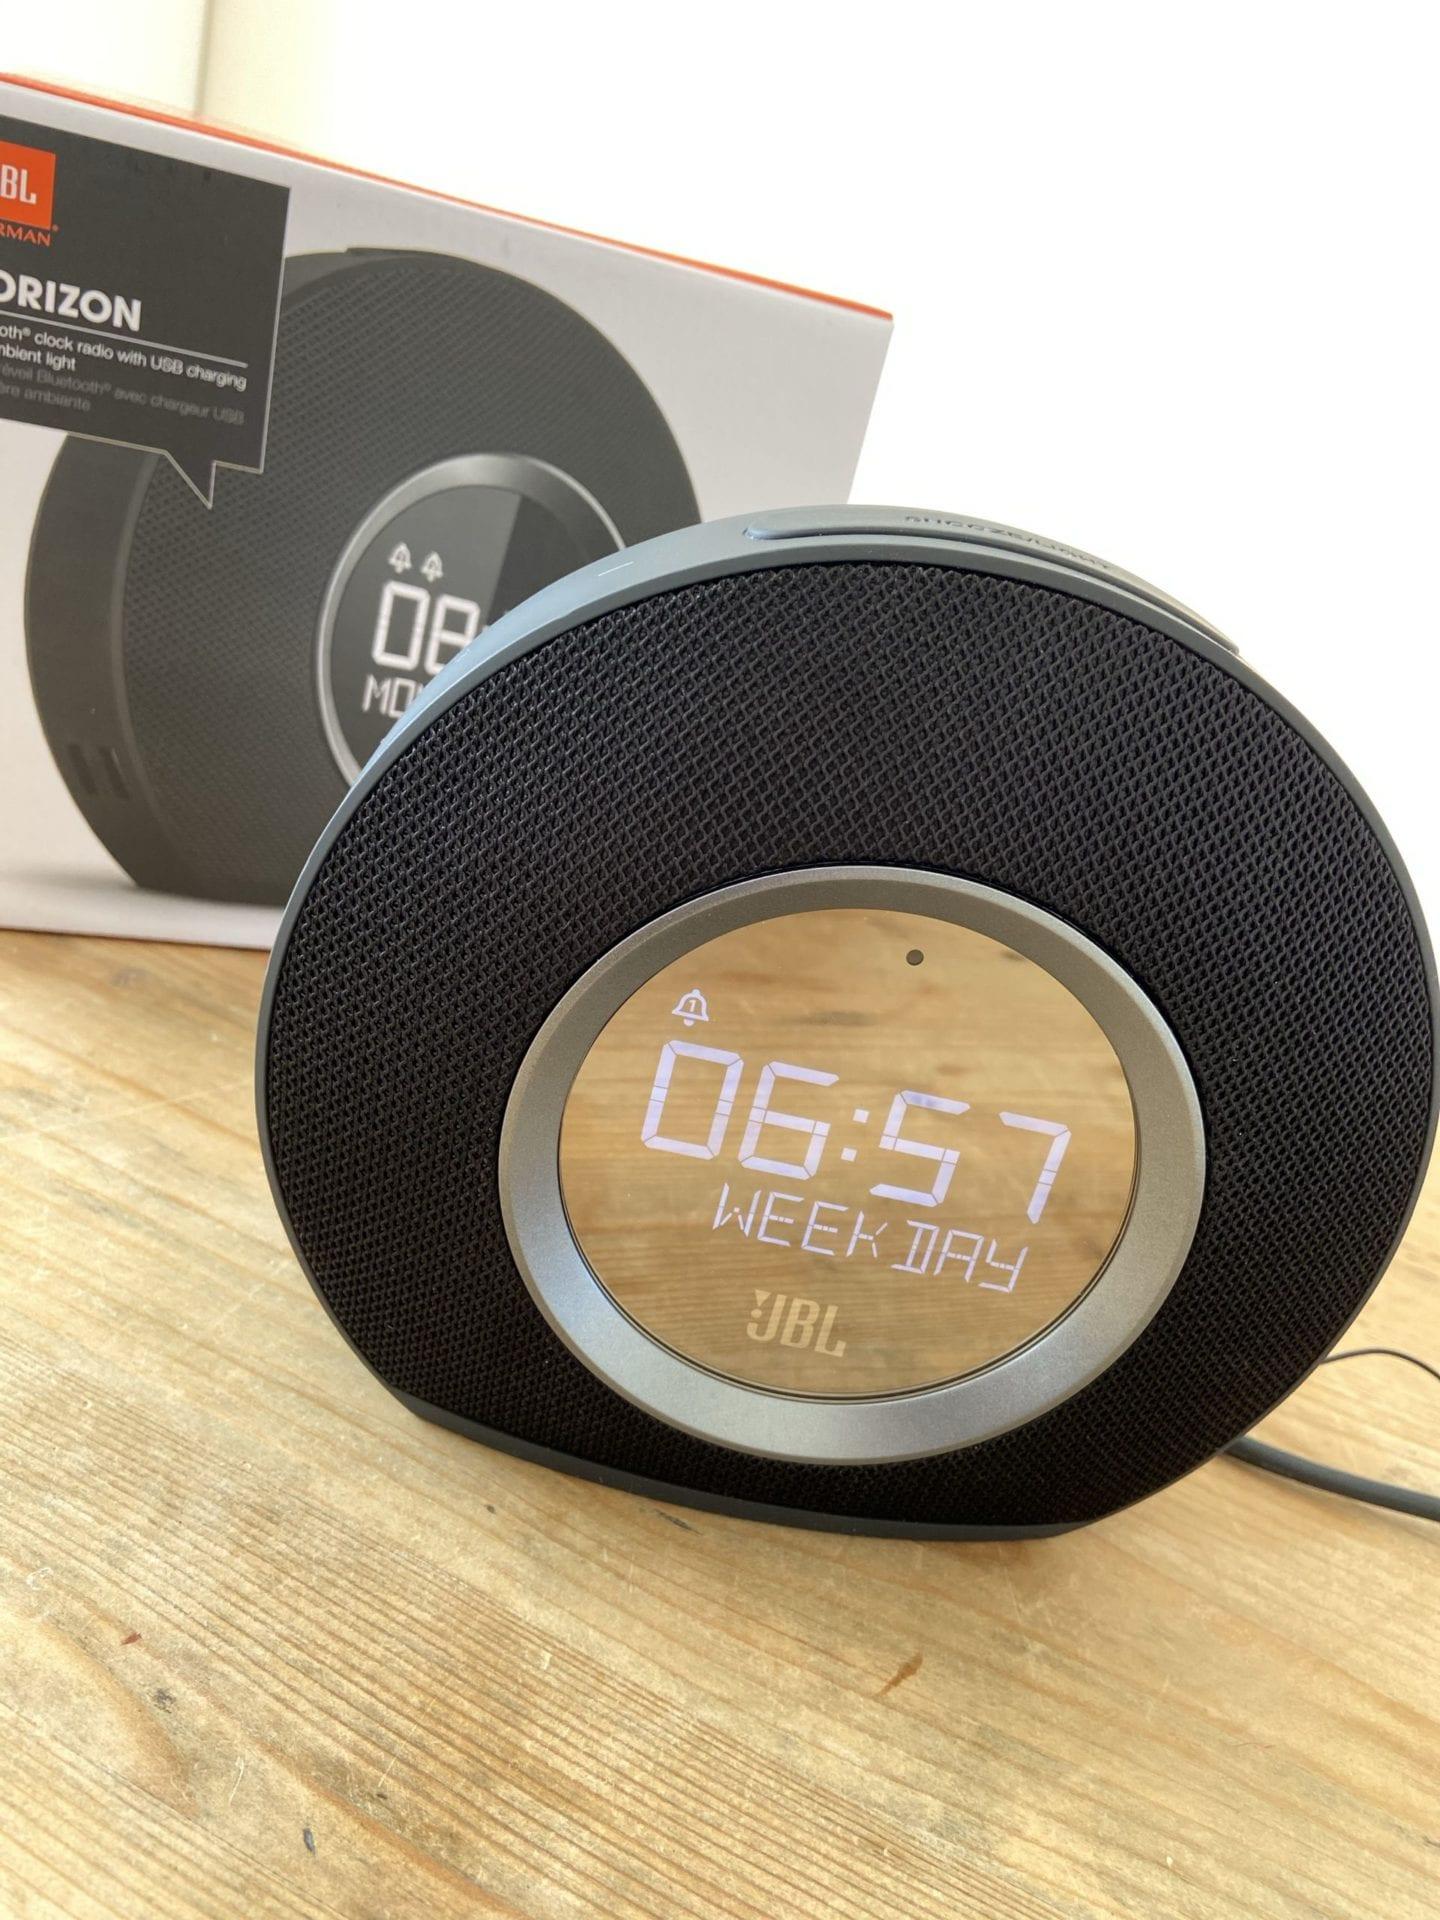 JBL Horizon Product Review